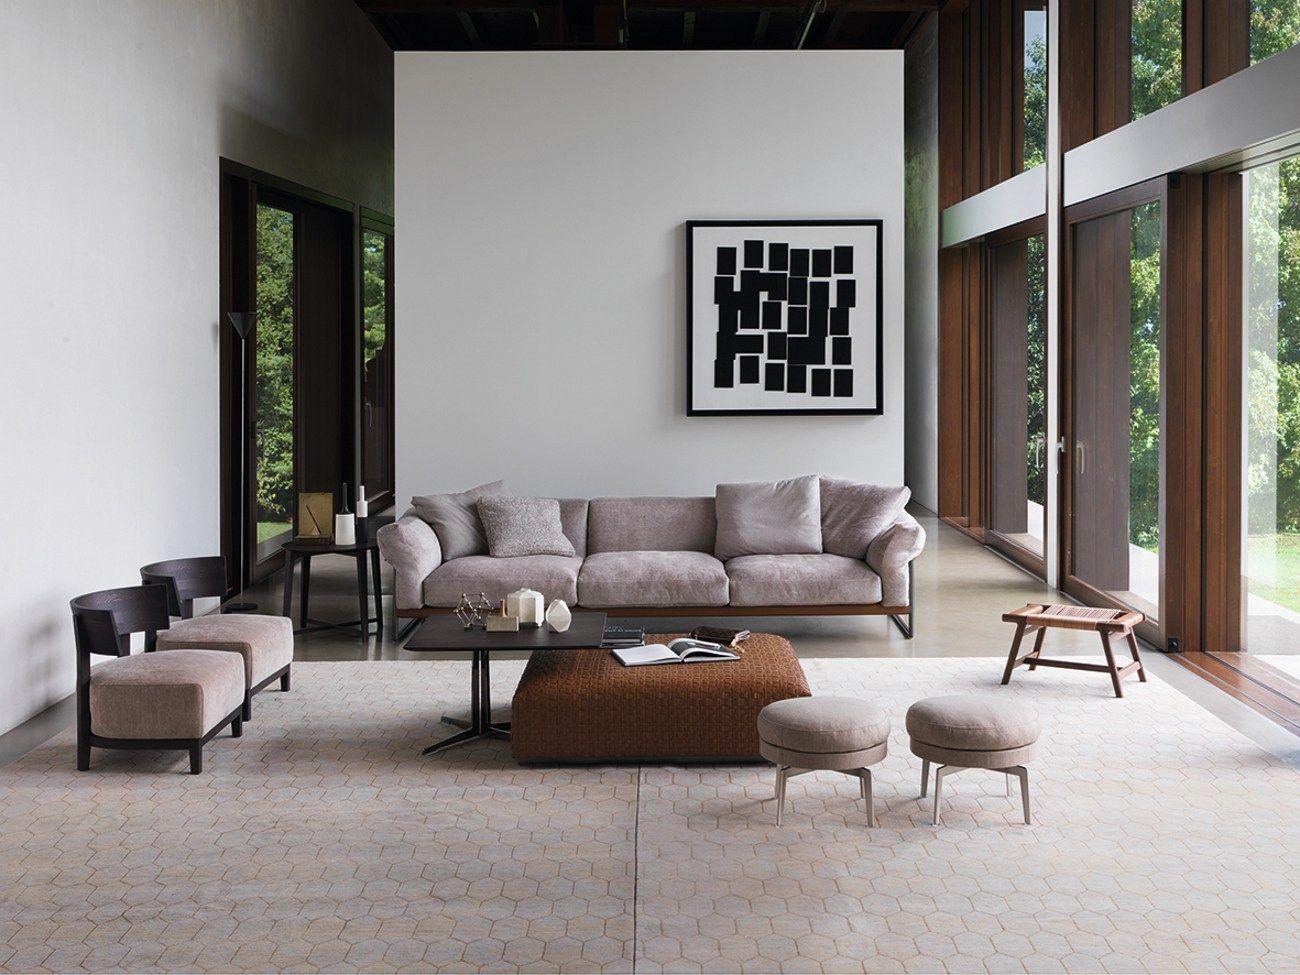 Antonio Citterio Design.Flexform By Antonio Citterio And Carlo Colombo